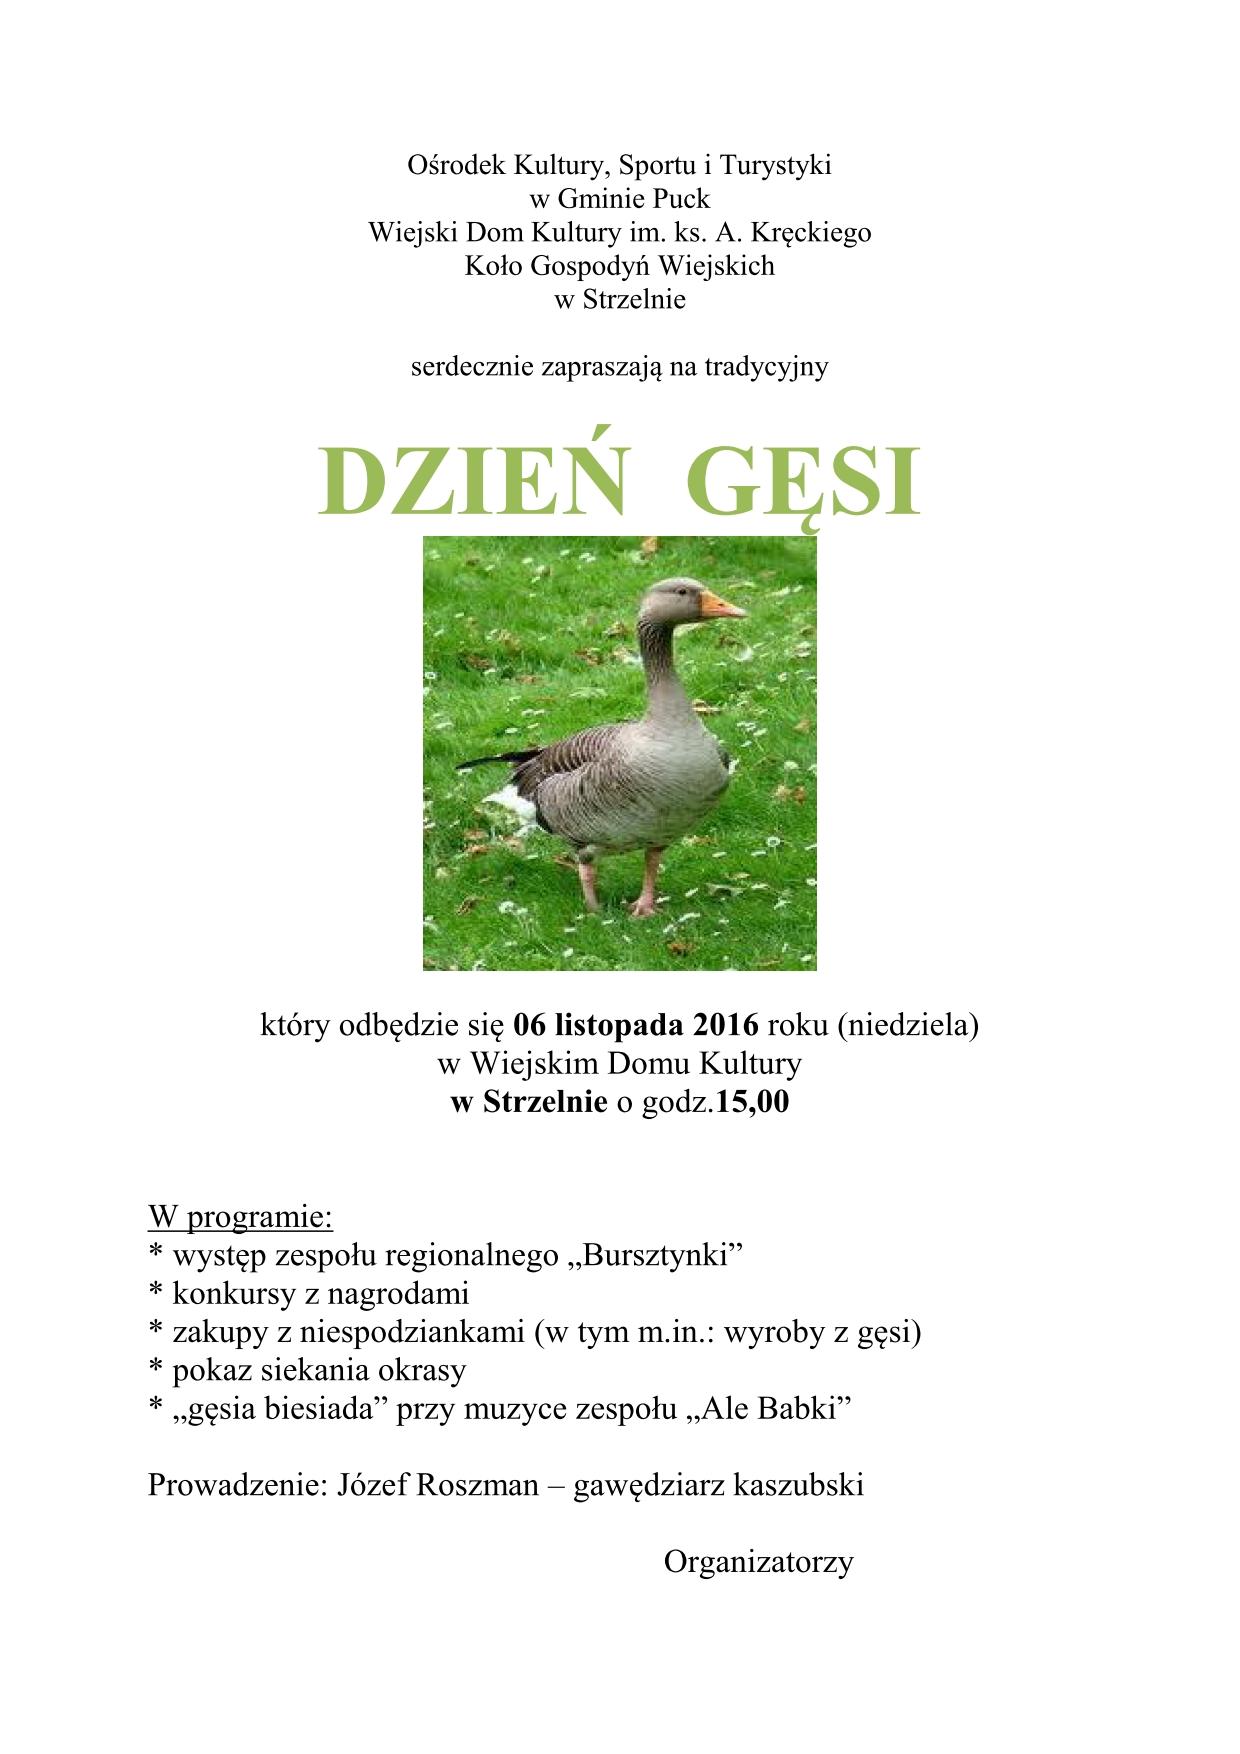 dzien-gesi-2016-zaproszenie_01